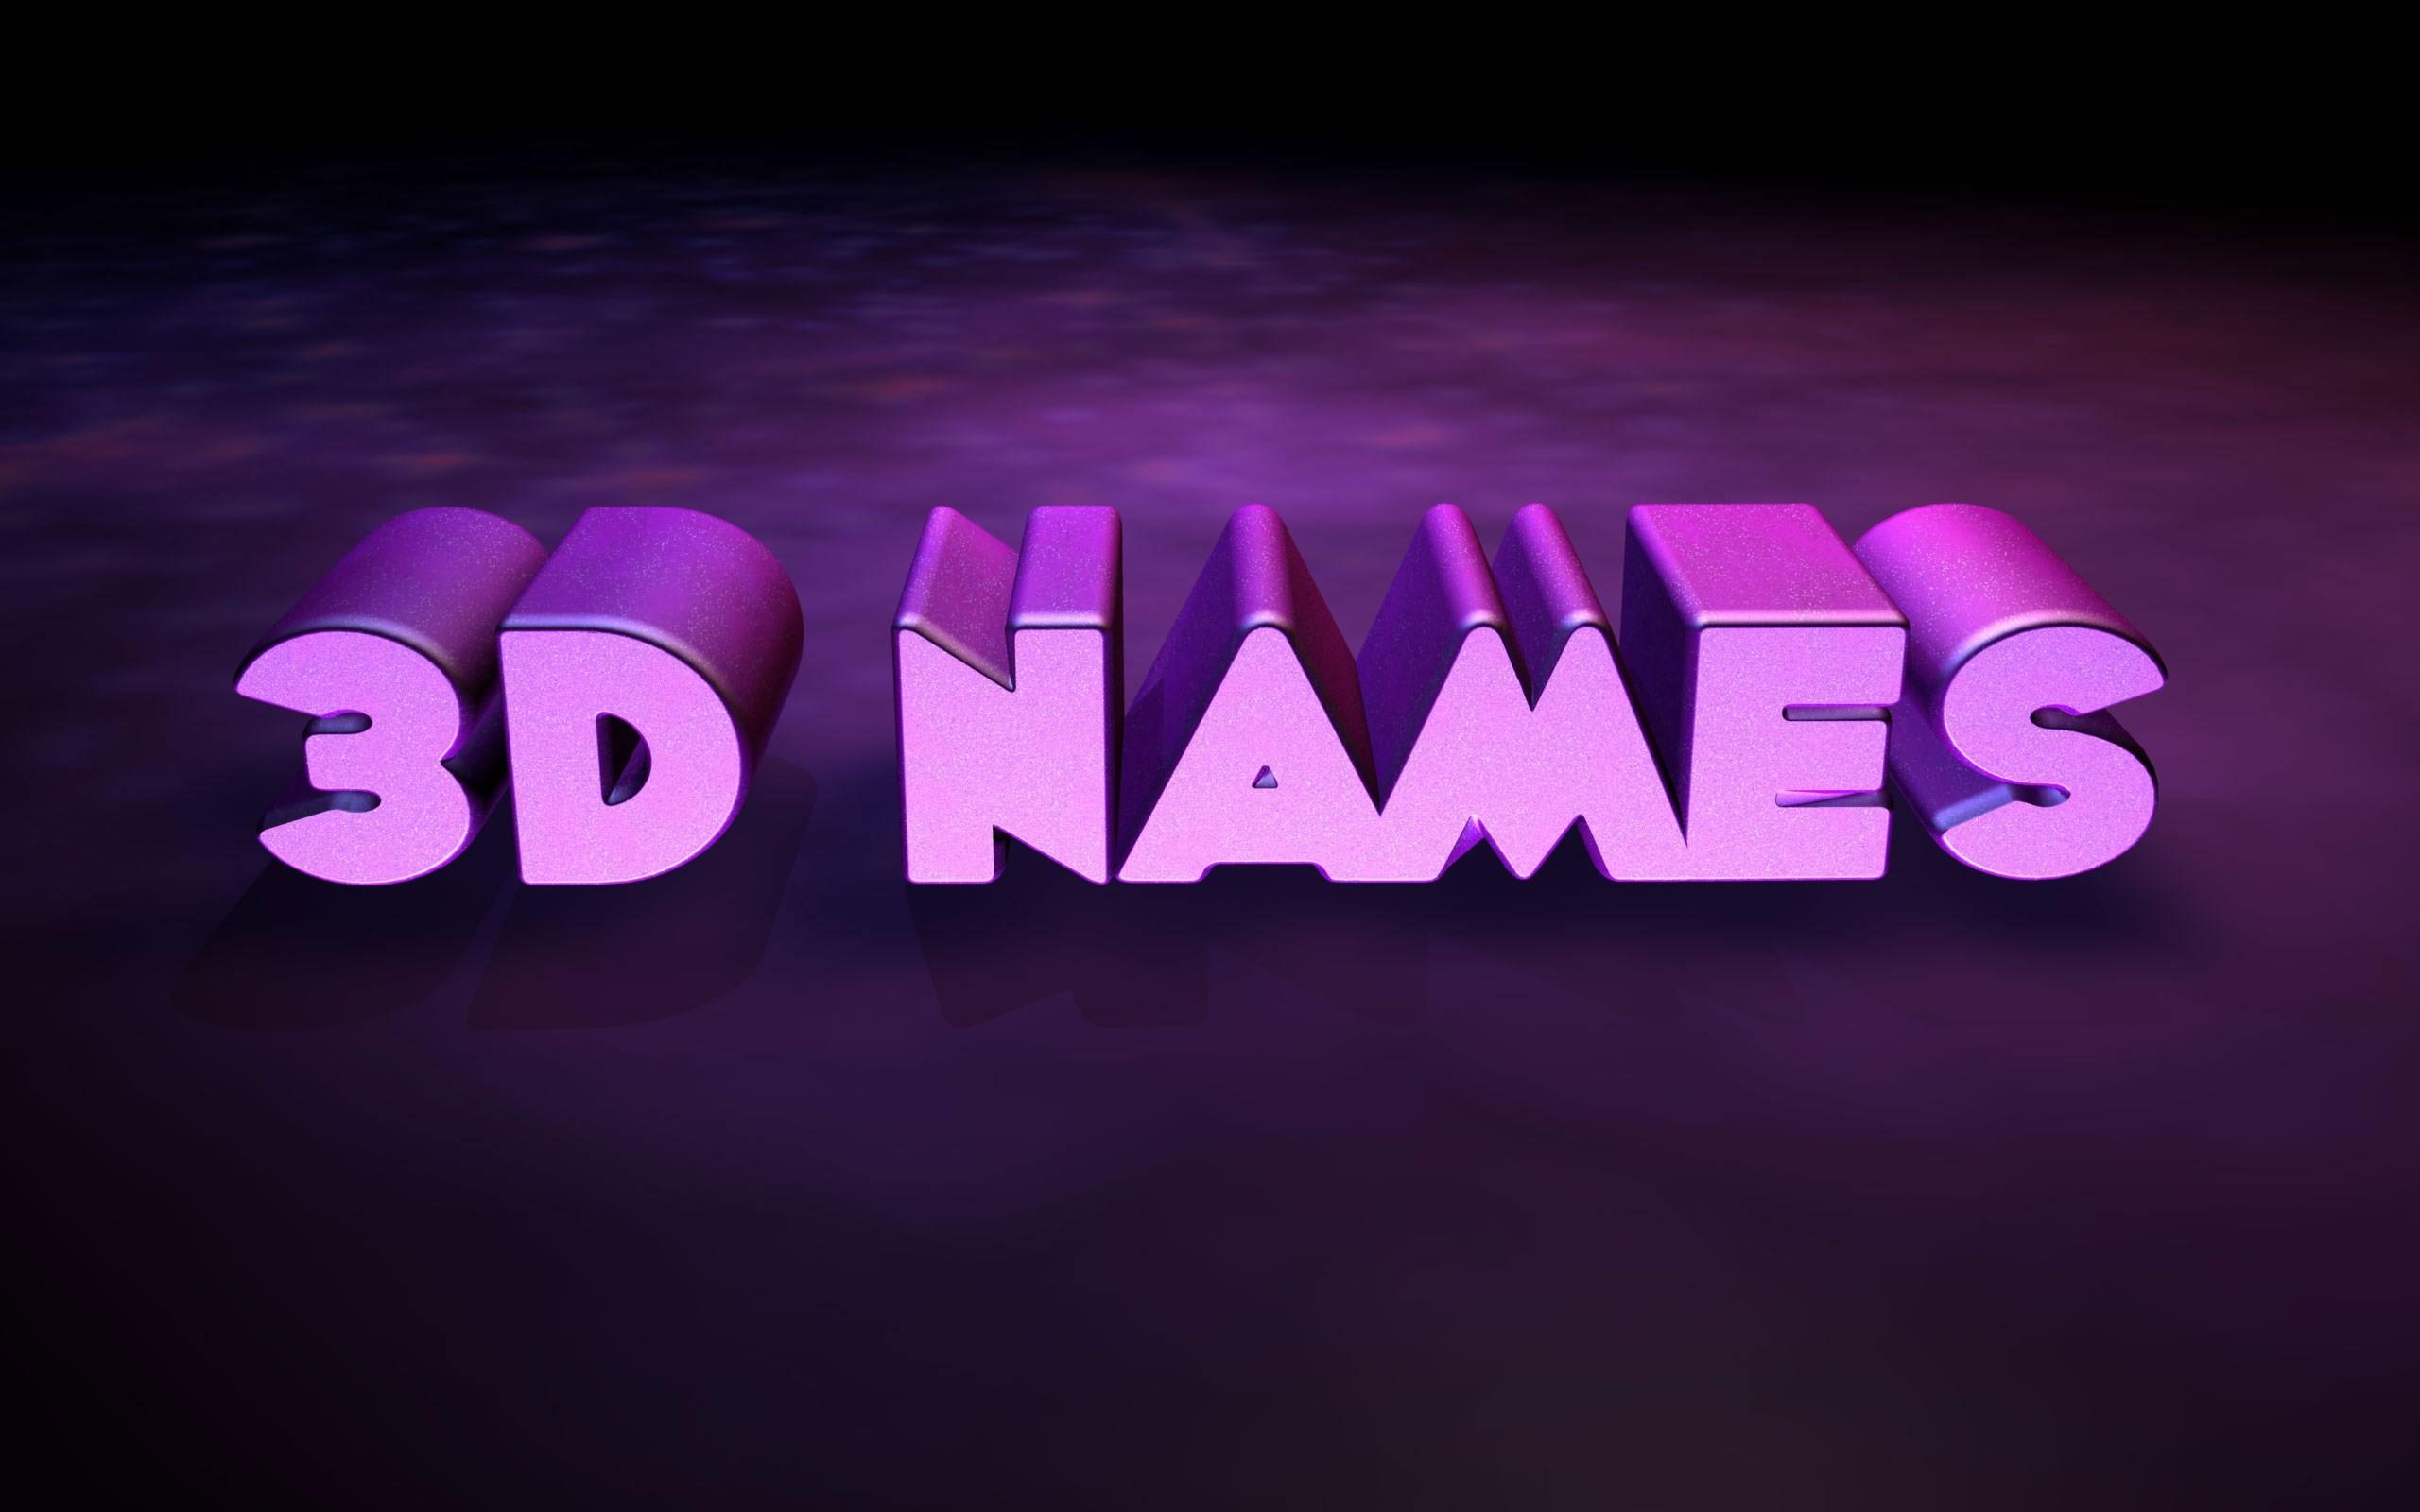 3D Names Wallpaper 52 images 2560x1600